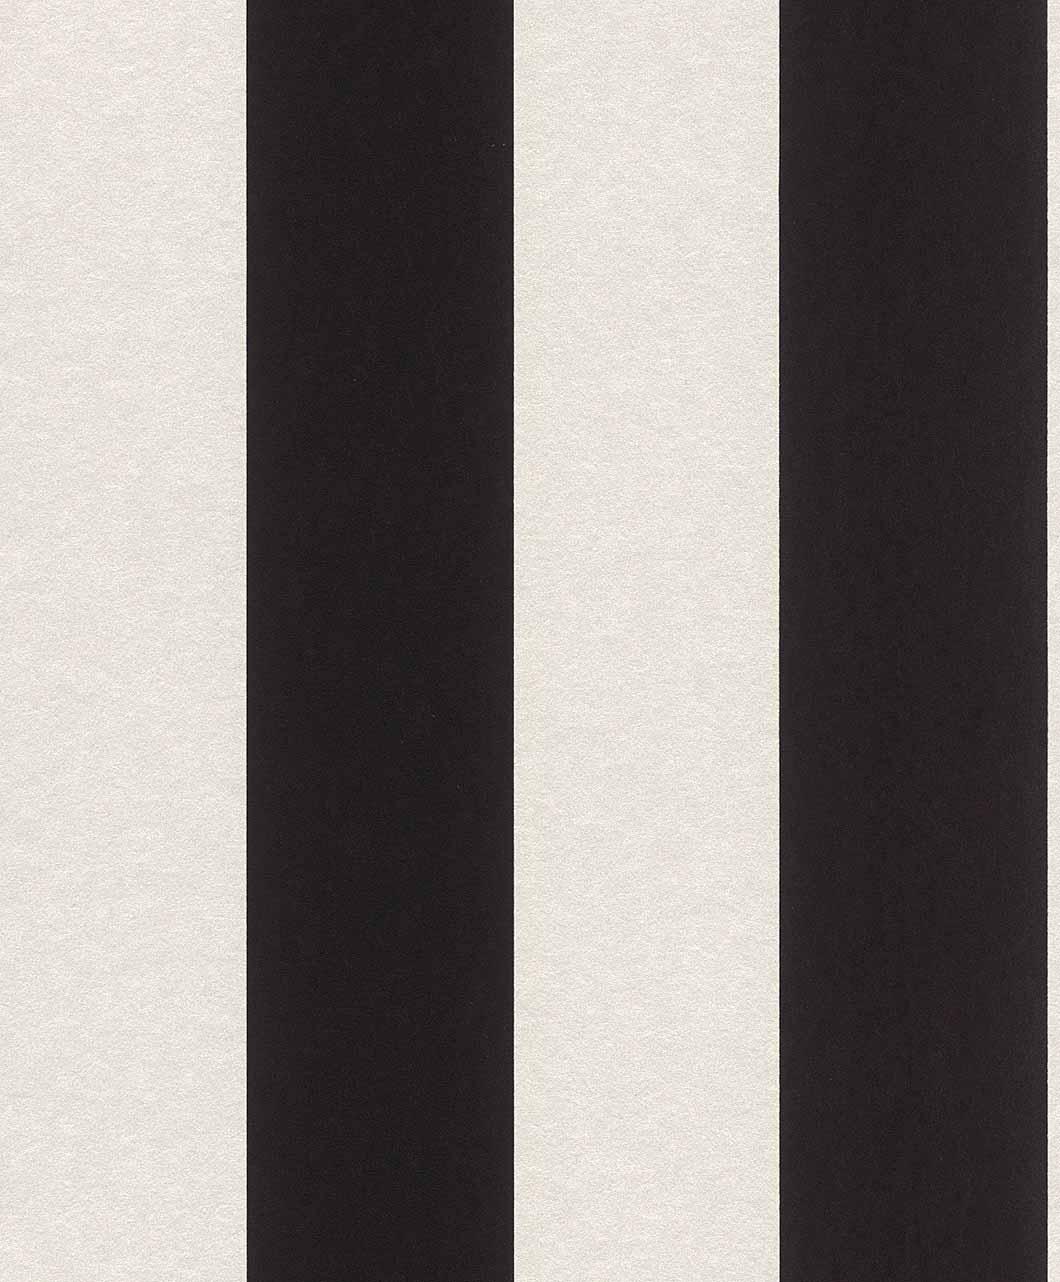 vliestapete blockstreifen klassisch schwarz wei glanz 361727. Black Bedroom Furniture Sets. Home Design Ideas